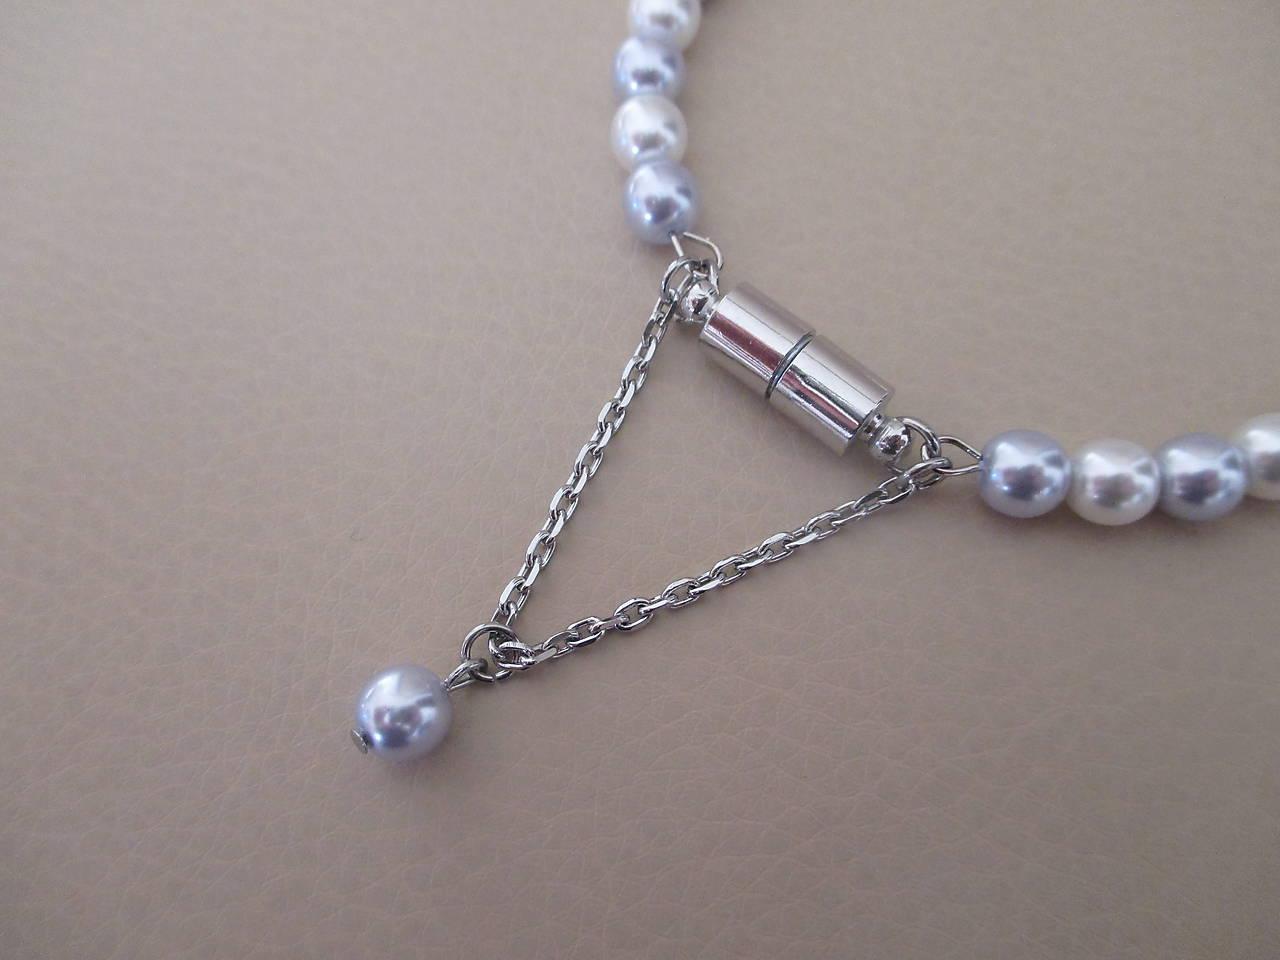 Bielo-strieborný perlový náramok - chirurgická oceľ